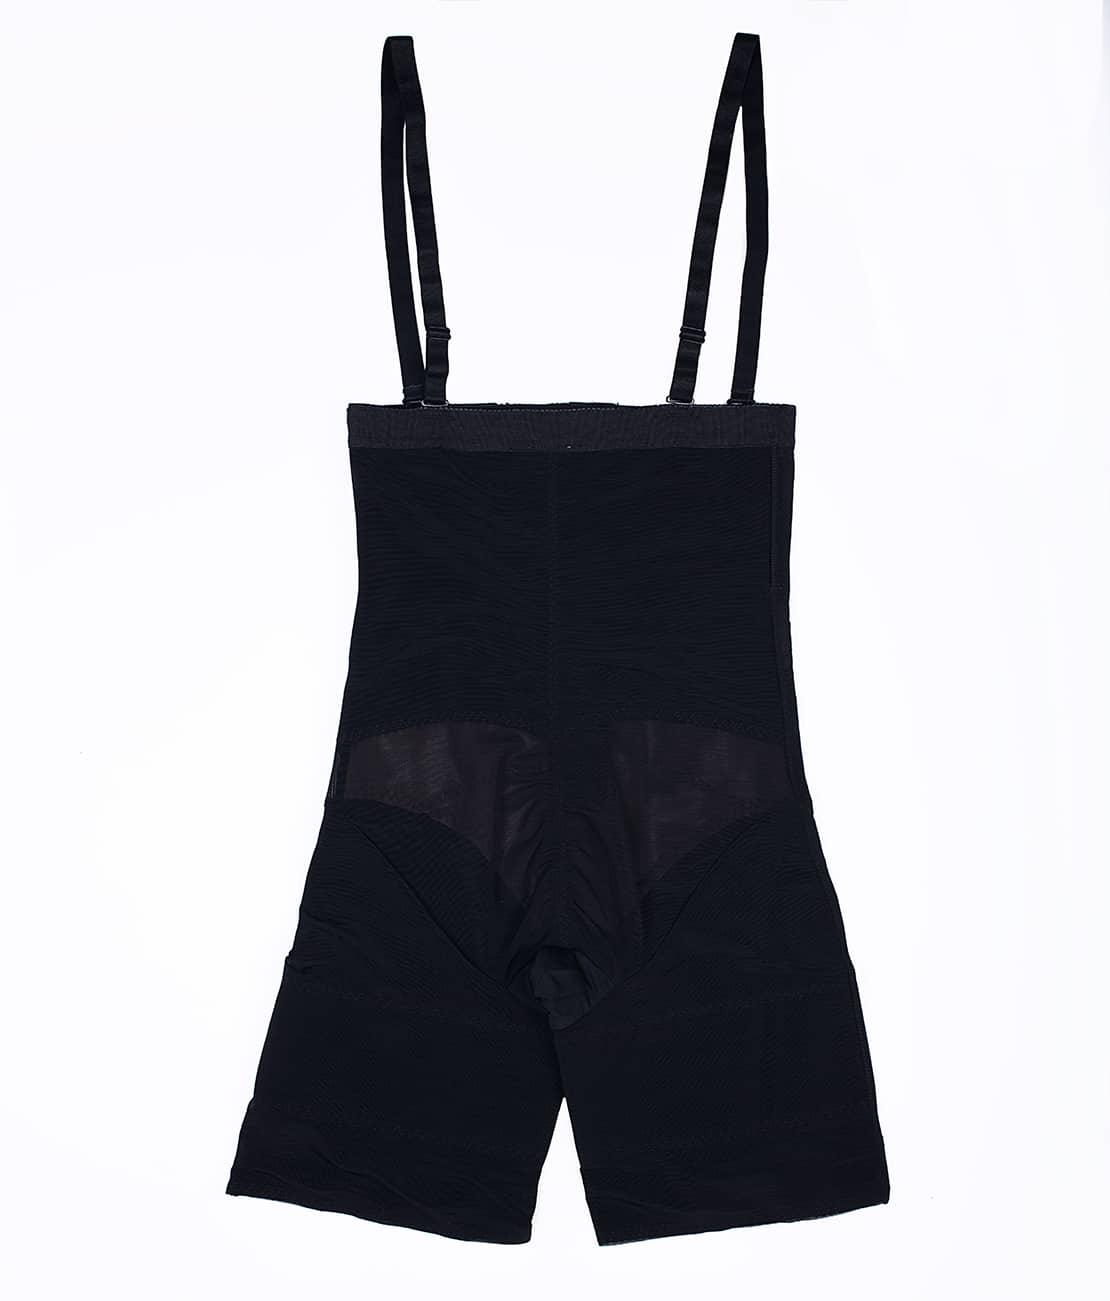 Le Panty Noir Transparent Packshot Back